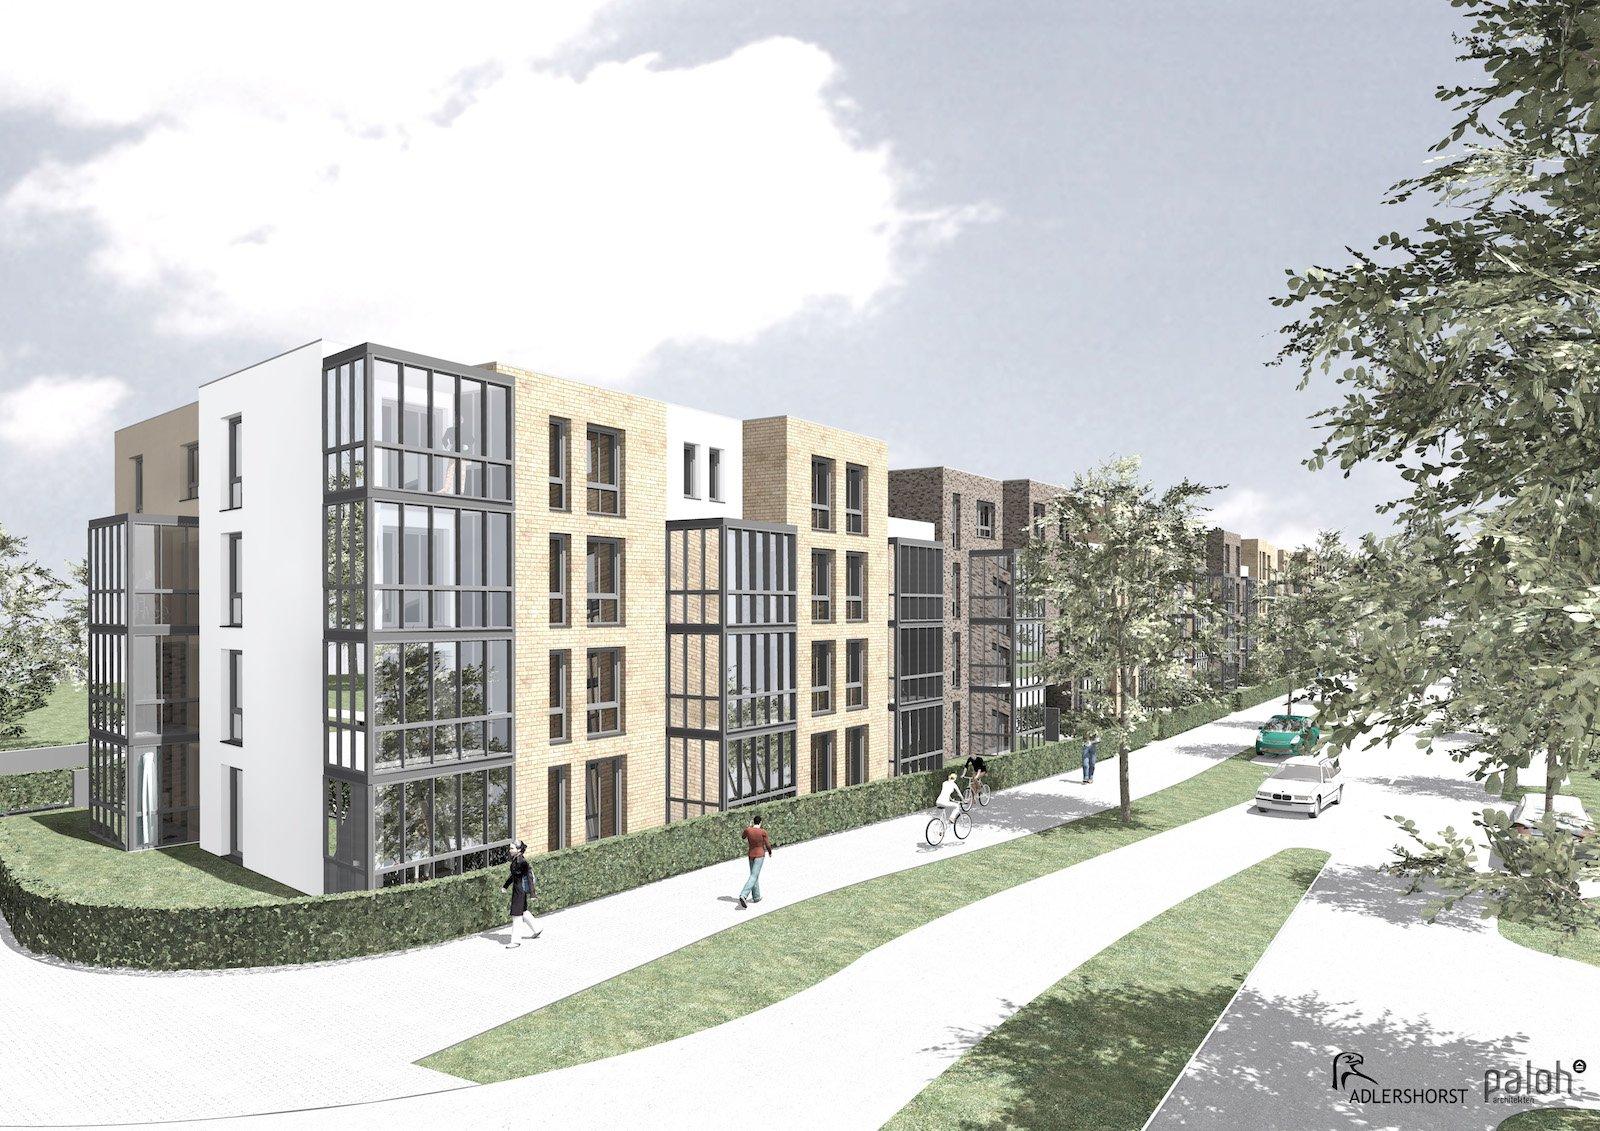 So soll Quartier 452 in Norderstedt einmal aussehen wenn es fertig ist. Dann wird es 108 Wohnungen bieten, die alle barrierearm und hochwertig ausgestattet sind. Und sie sind über die sieben Solarfahrstühle zu erreichen.